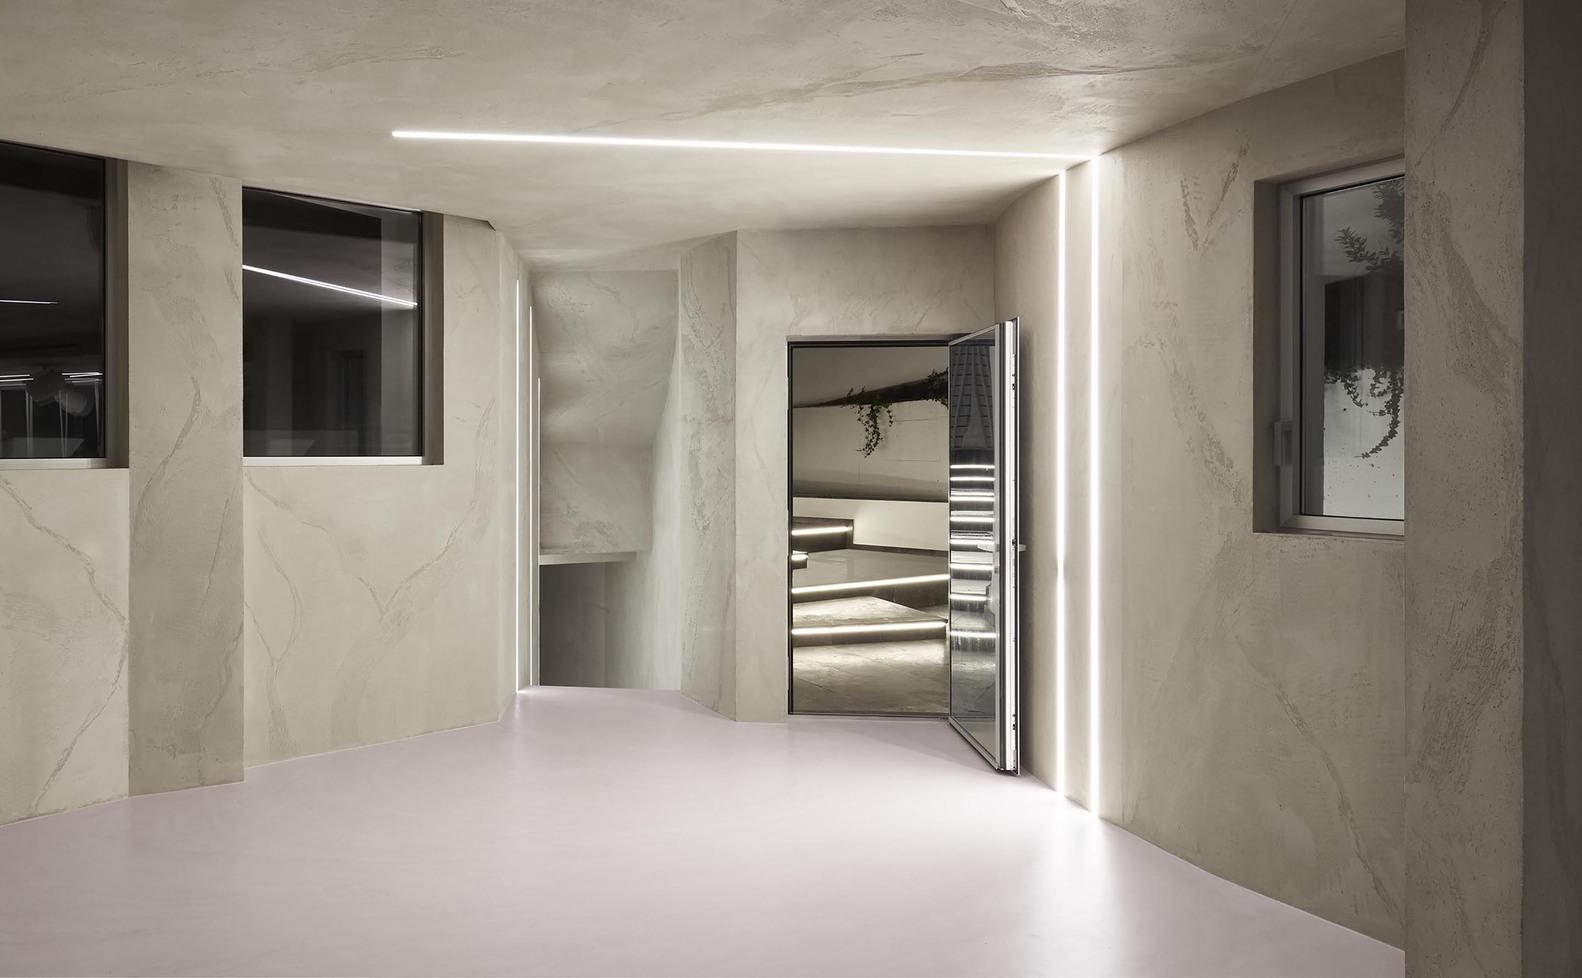 Rudayla House Minimal Studio 06